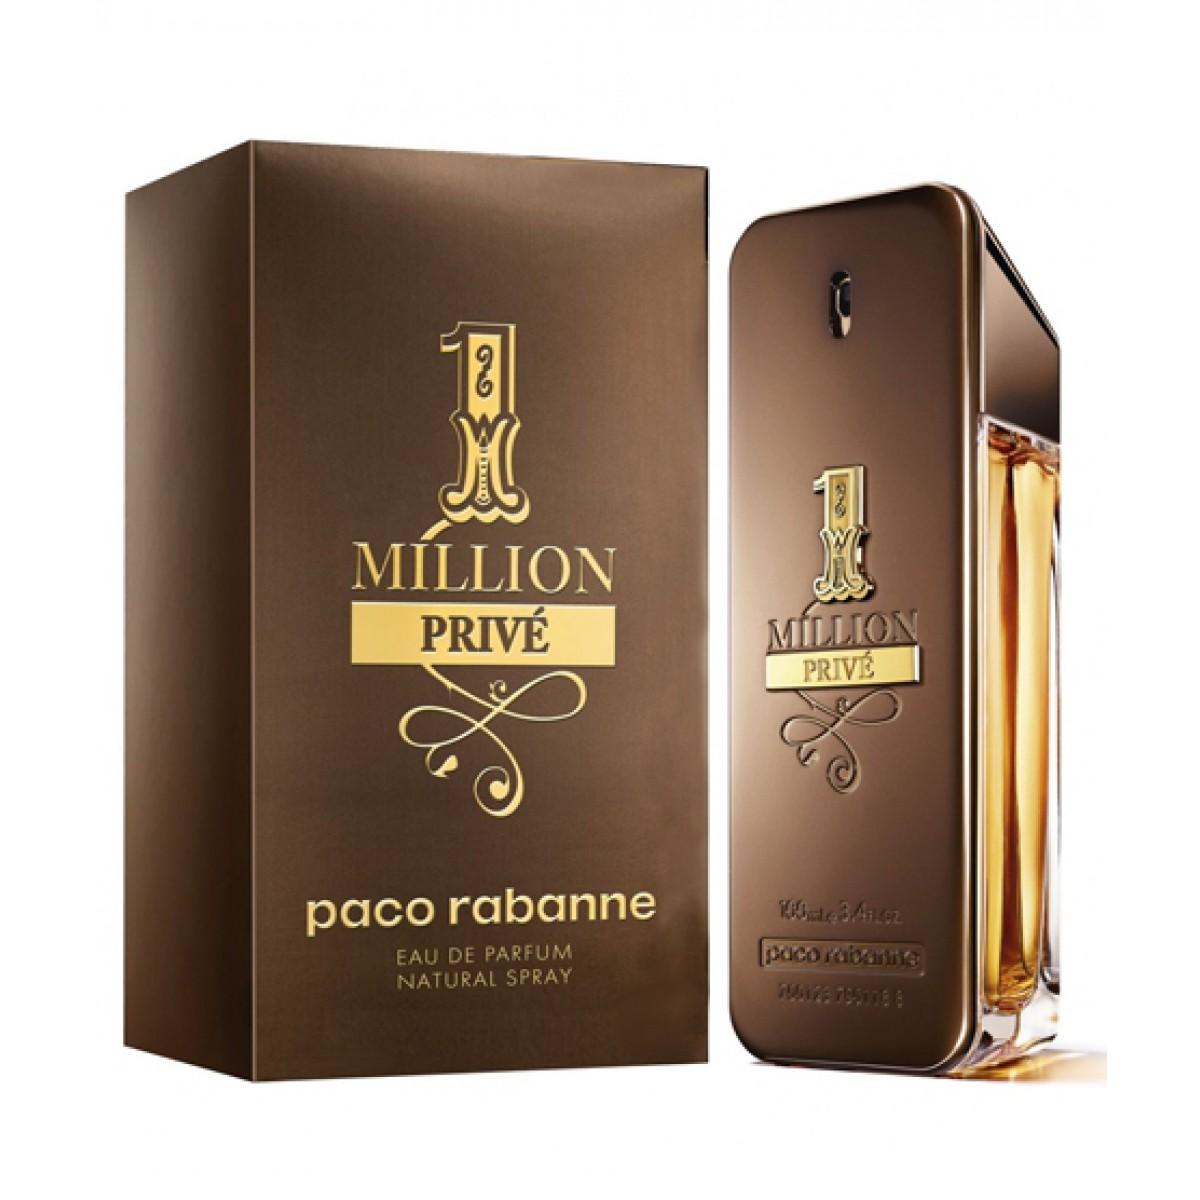 عطر و ادکلن مردانه پاکو رابان وان میلیون پرایو Paco Rabanne Million Prive گرم و شیرین